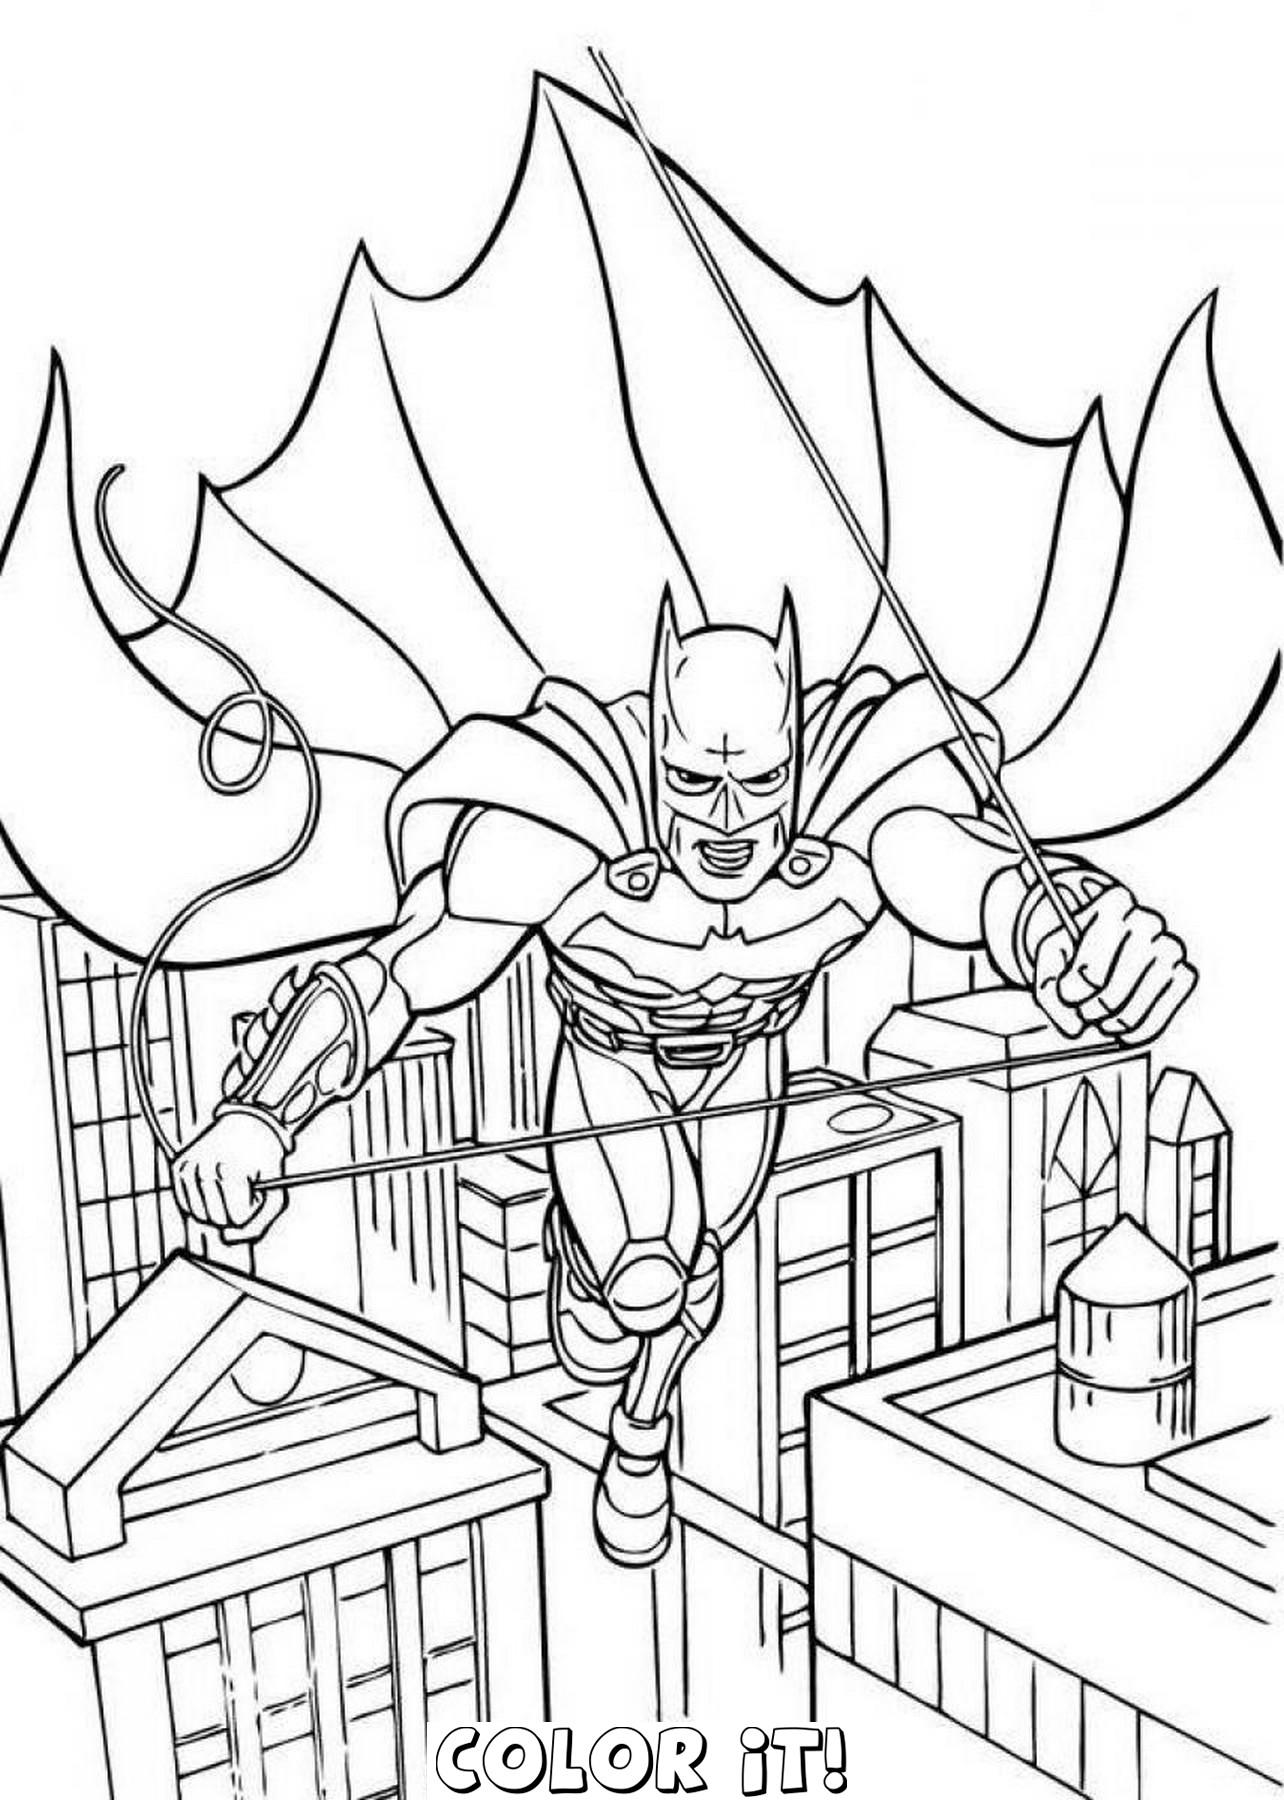 1284x1800 Coloring Pages Batman Online Di9dg94i7